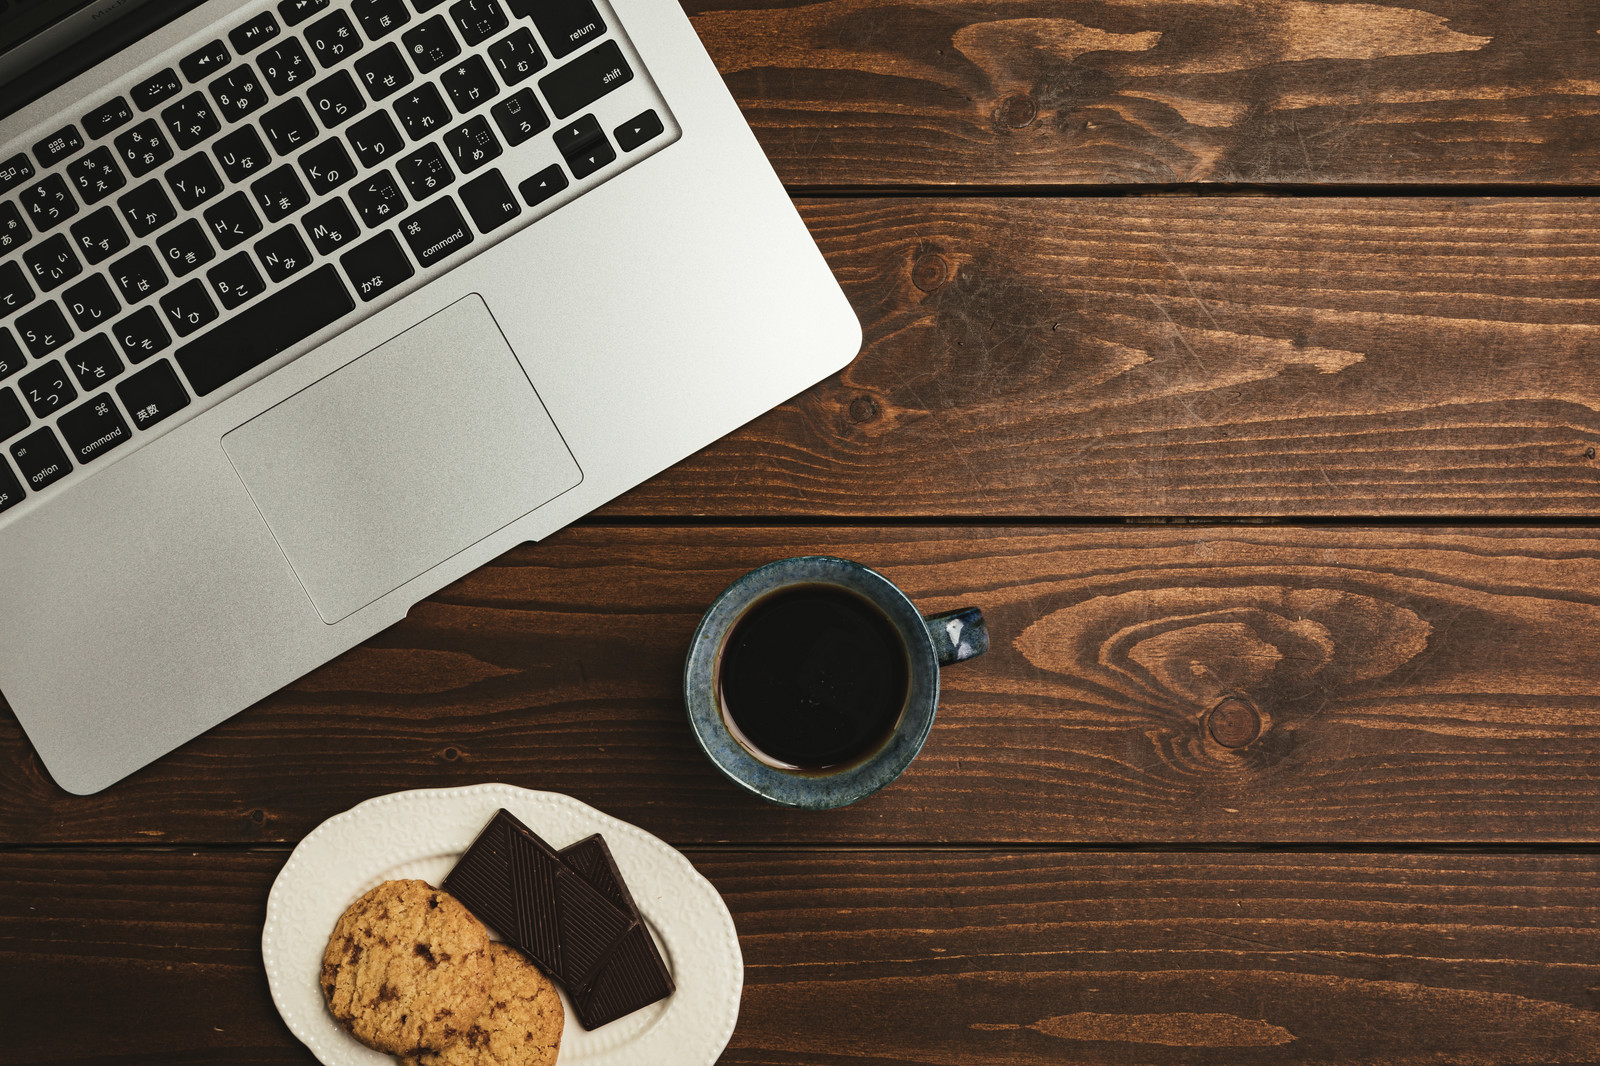 パソコンとコーヒーとクッキー